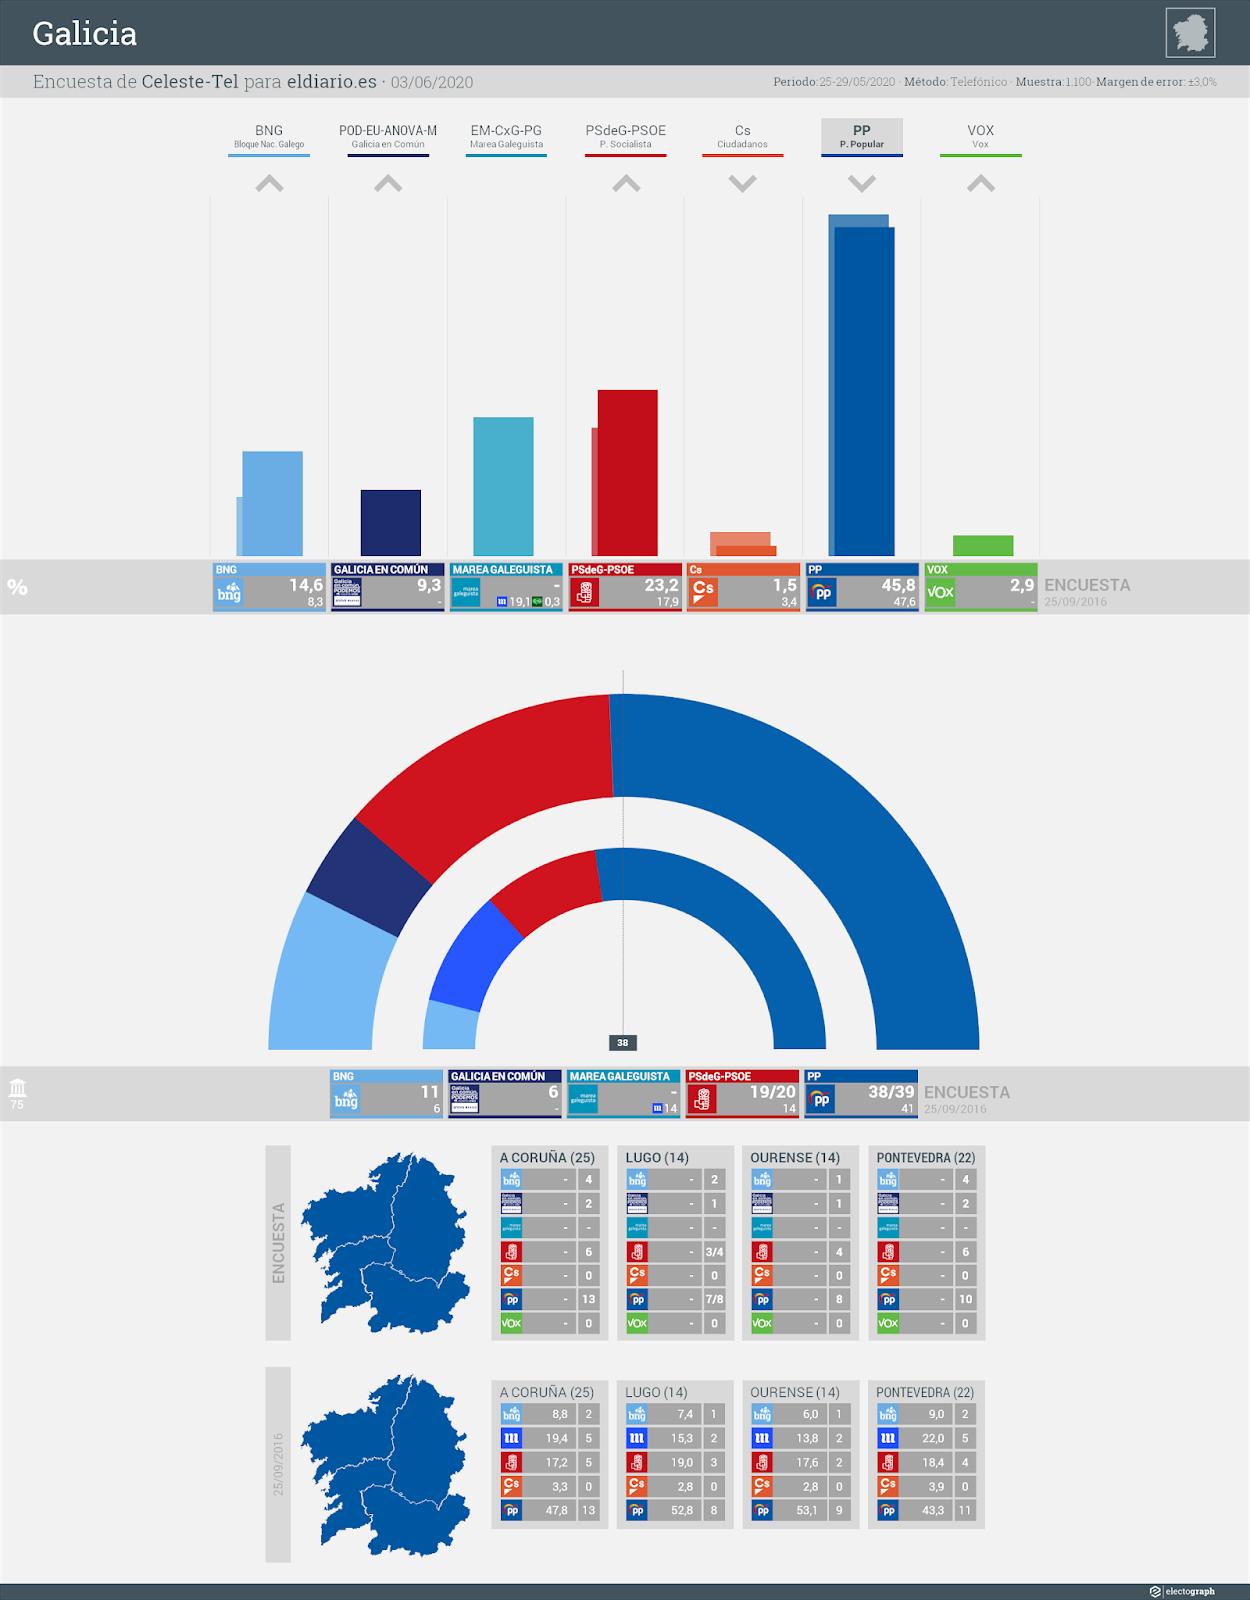 Gráfico de la encuesta para elecciones autonómicas en Galicia realizada por Celeste-Tel para eldiario.es, 3 de junio de 2020